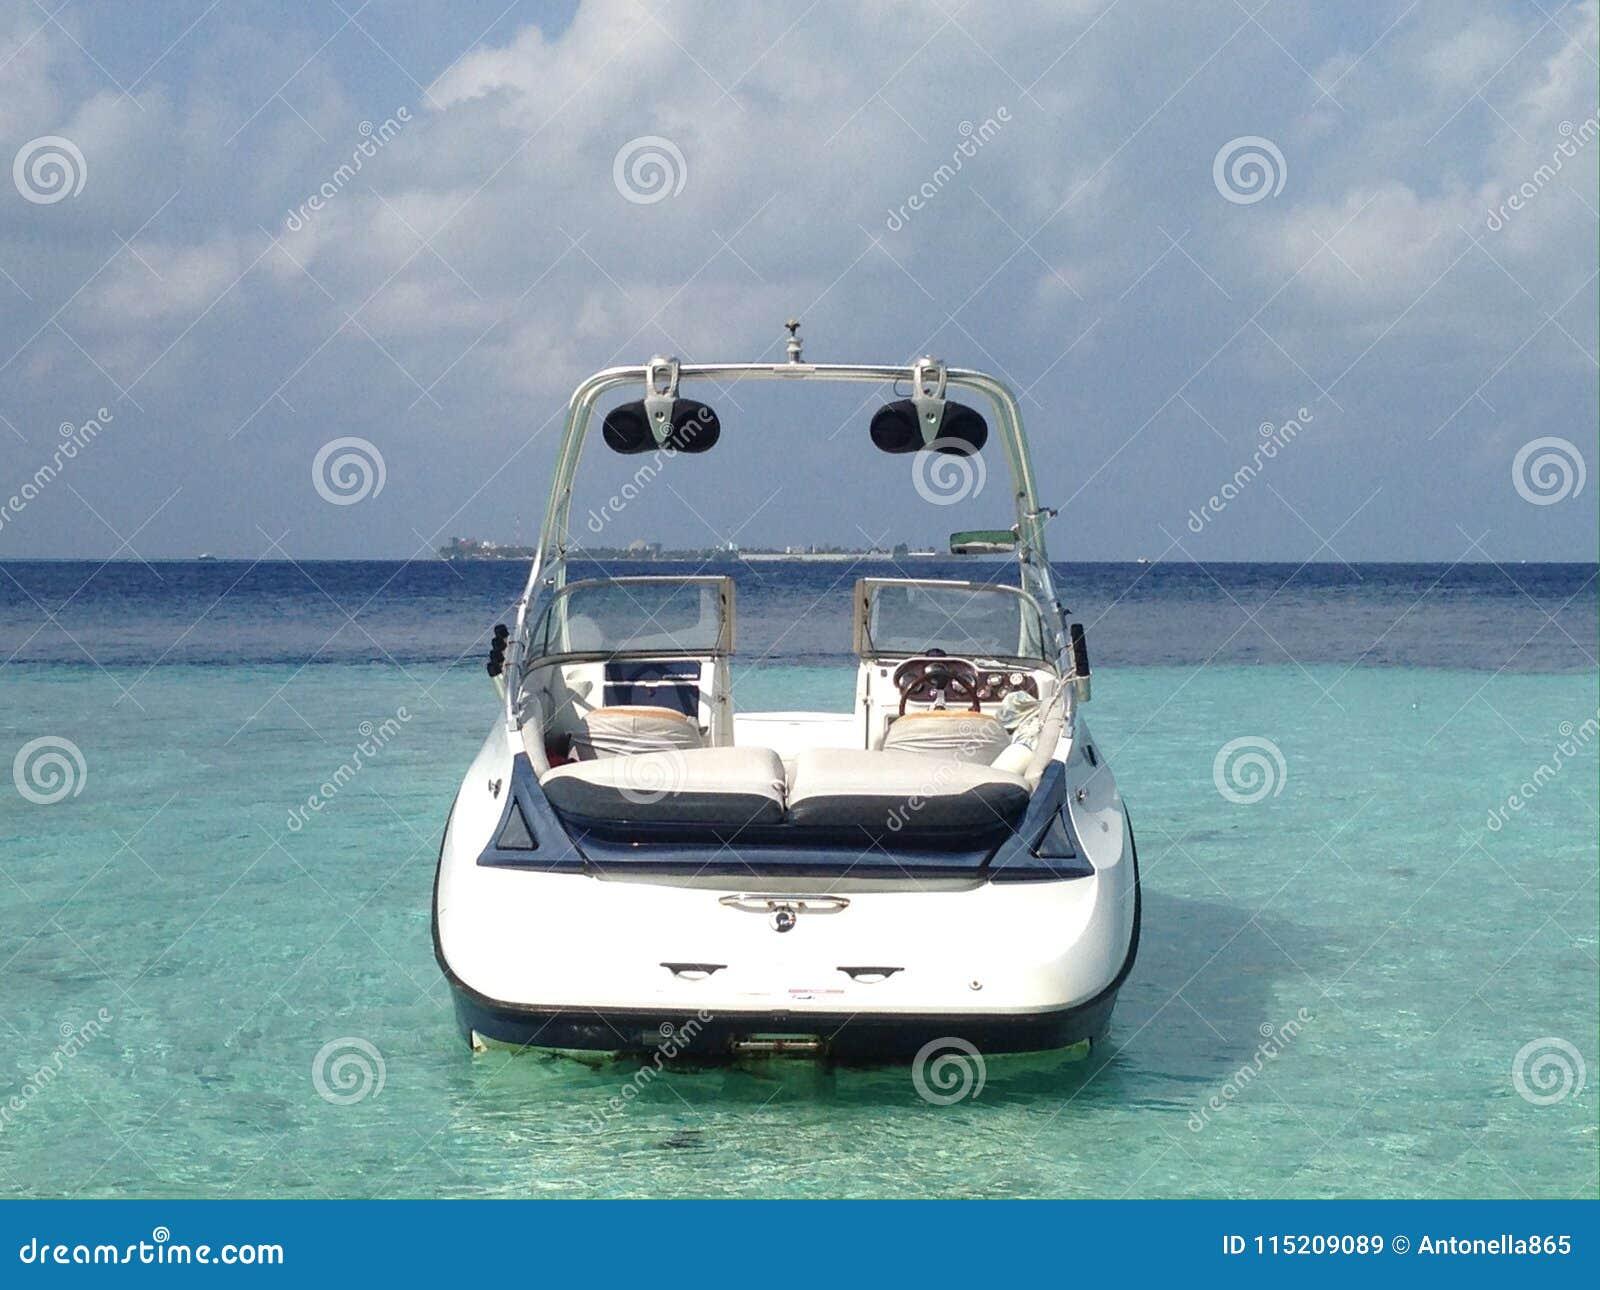 Modernes Schnellboot in der Lagune von Tropeninsel im Indischen Ozean, Malediven